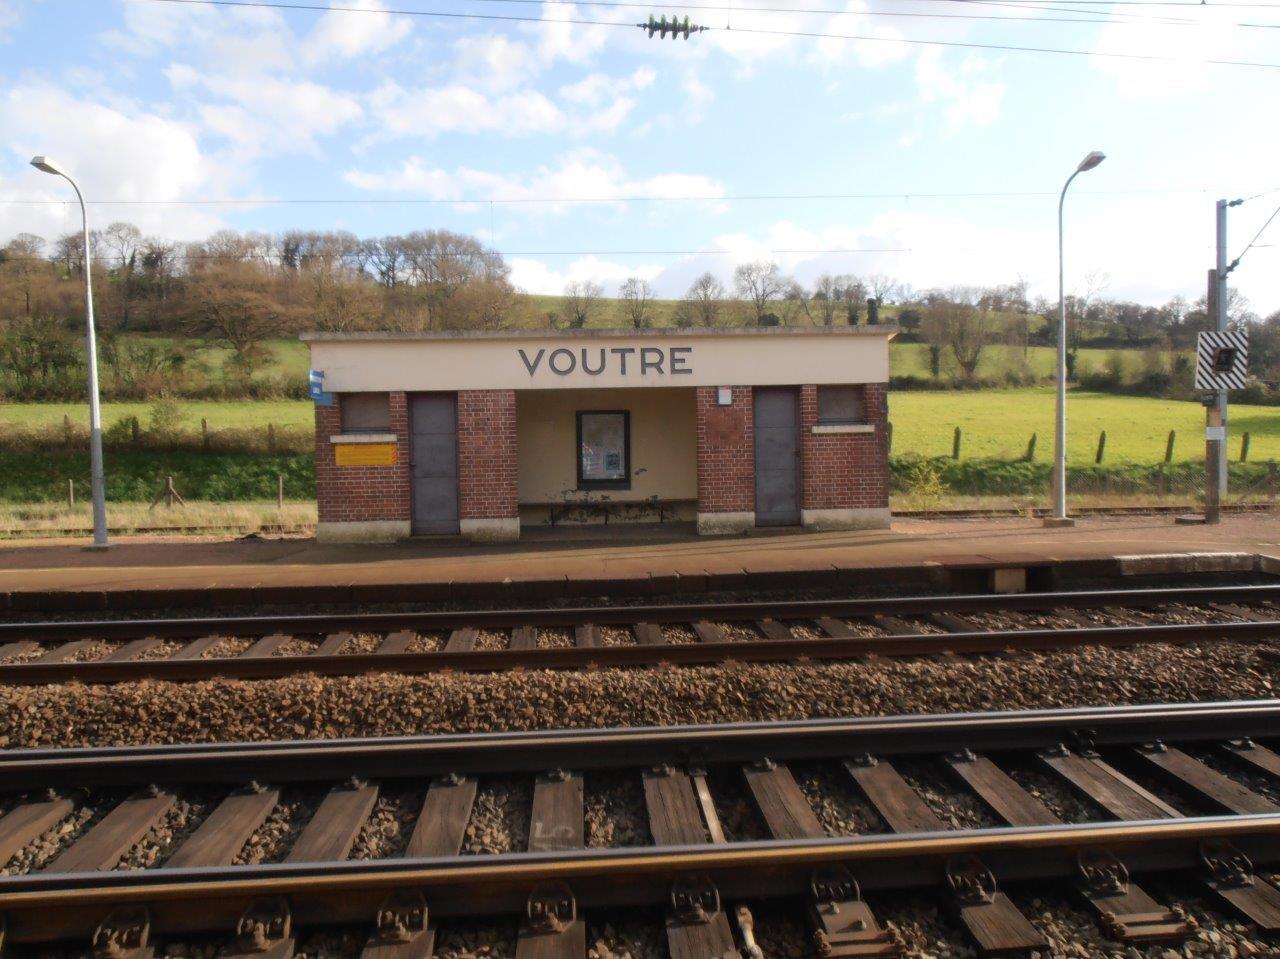 gare-de-voutre-train-station